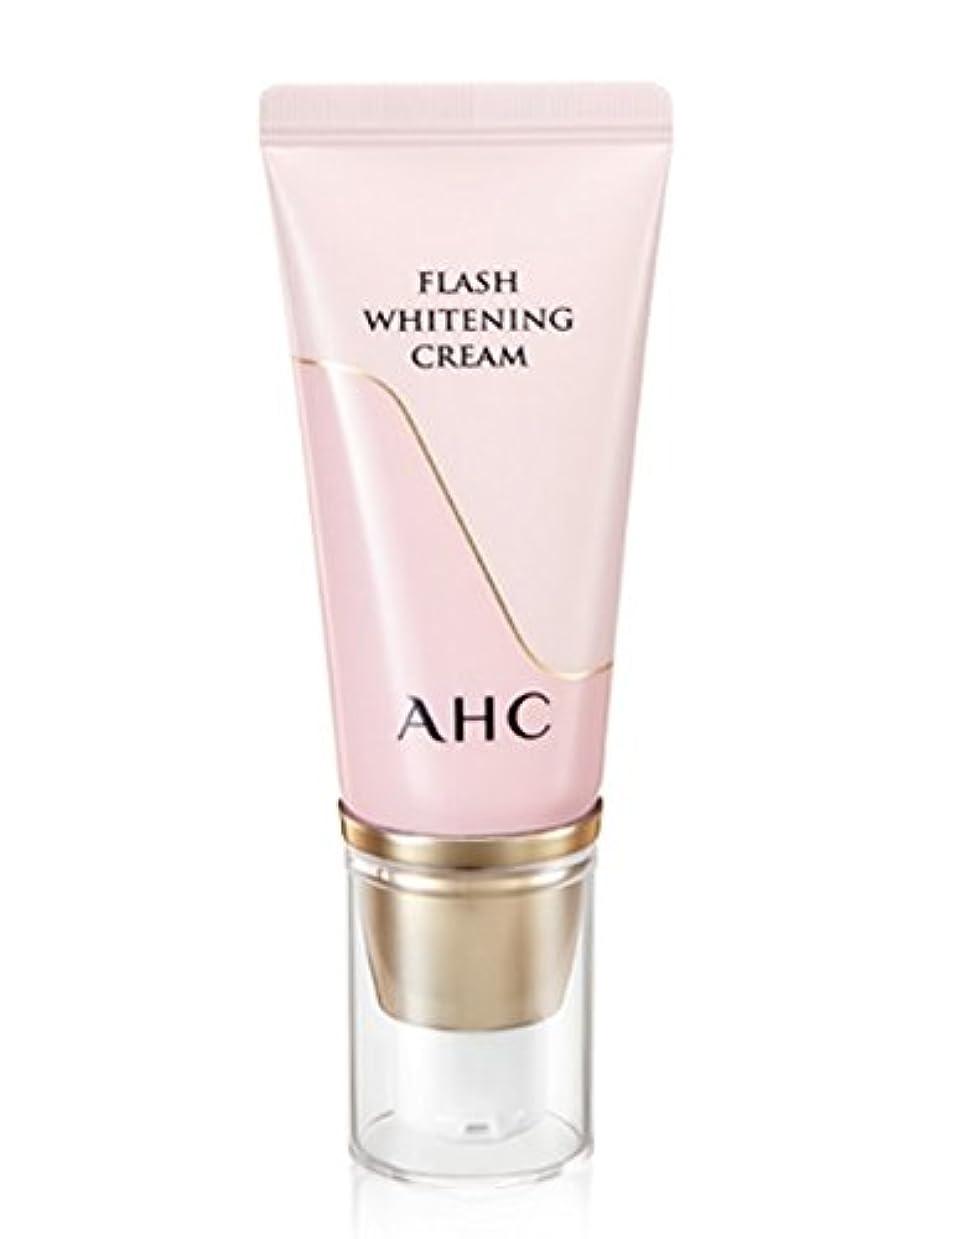 むき出し広げる永続[A.H.C] AHC フラッシュホワイトニングクリーム [AHC FLASH WHITENING CREAM 30ml/SPF30/PA++] [並行輸入品]